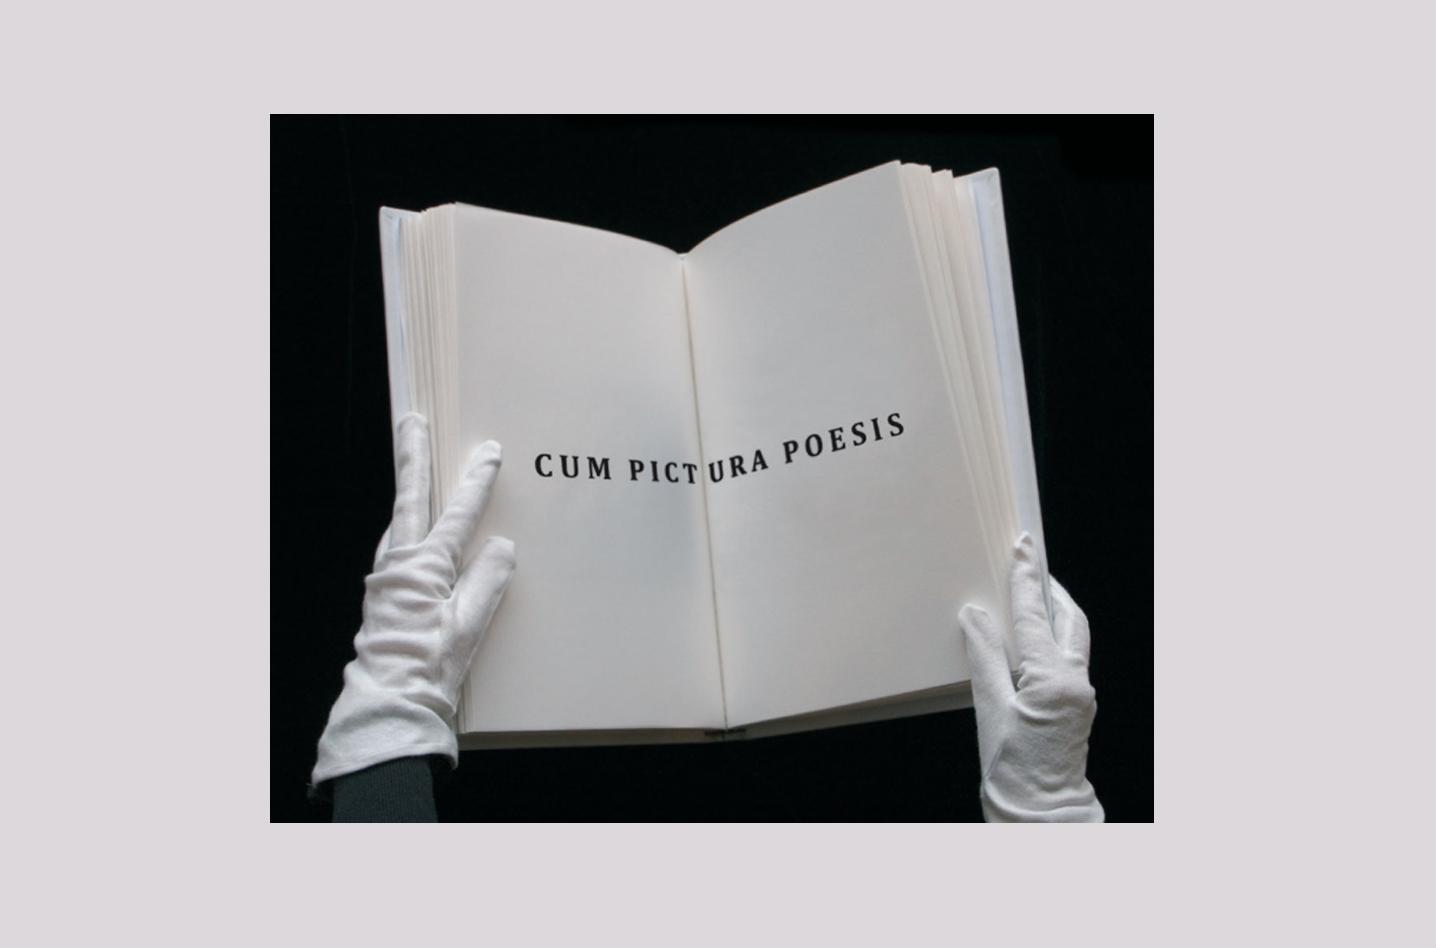 Catálogo, Catalog, Cum Pictura Poesis, Olga Simón, MEIAC, Museo Extremeño Iberoamericano, 2016,  Badajoz,  Michel Hubert, Libro de artista, Exposition, Exhibition, Art, Arte, Contemporary Art, Arte Contemporáneo, Jardín polar, Polar garden